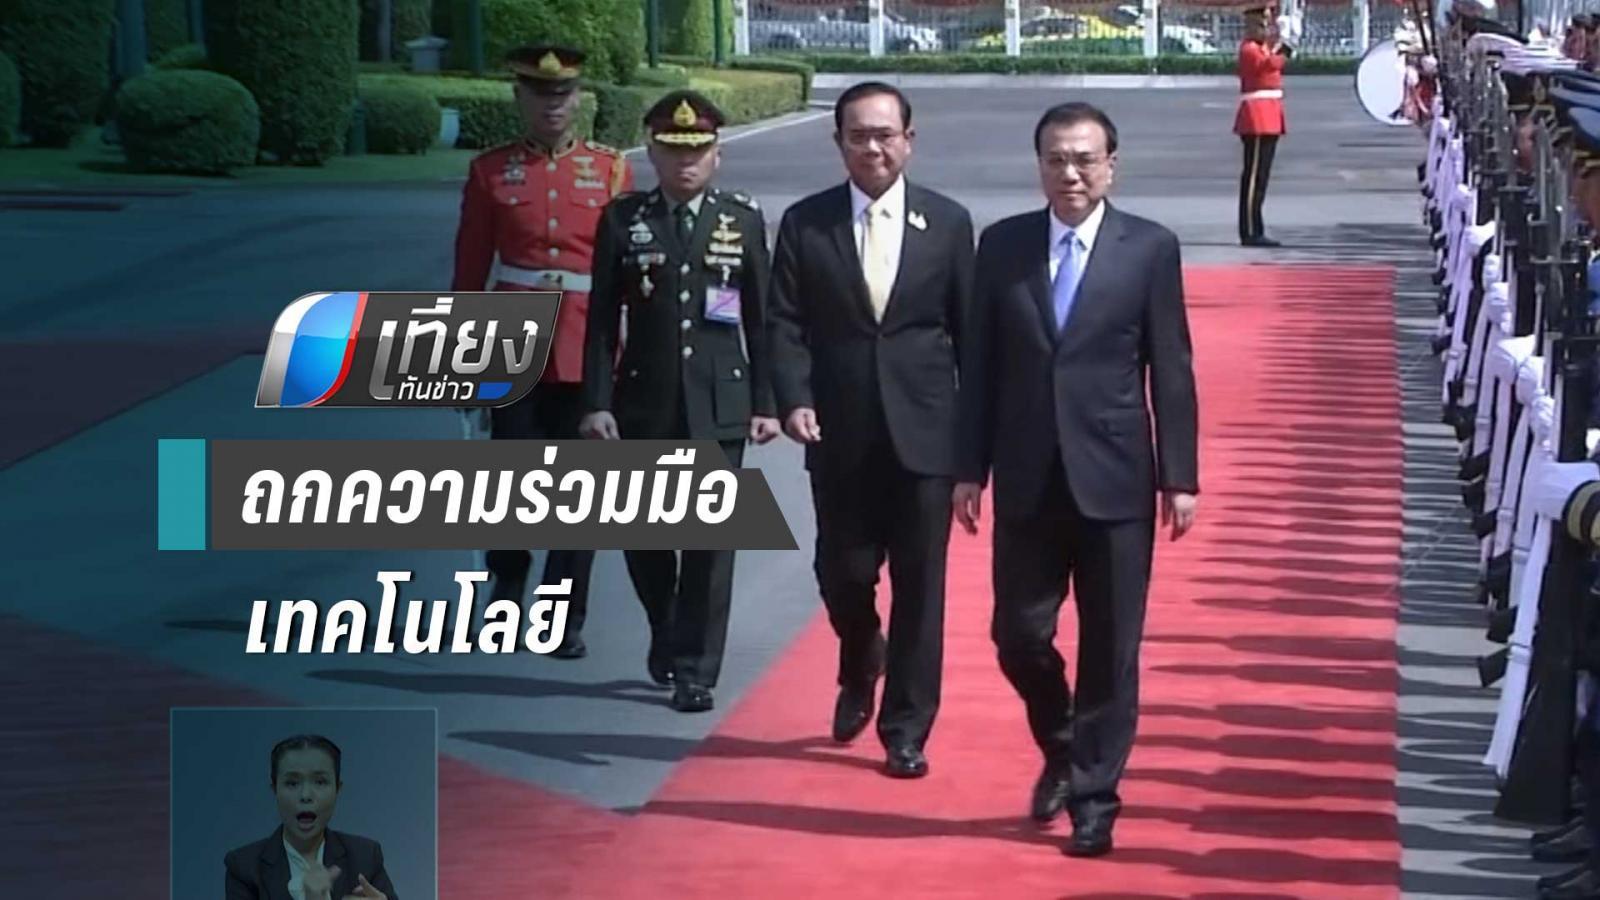 นายกฯไทย-จีน ถกความร่วมมือเทคโนโลยี การลงทุนอีอีซี-ท่องเที่ยว